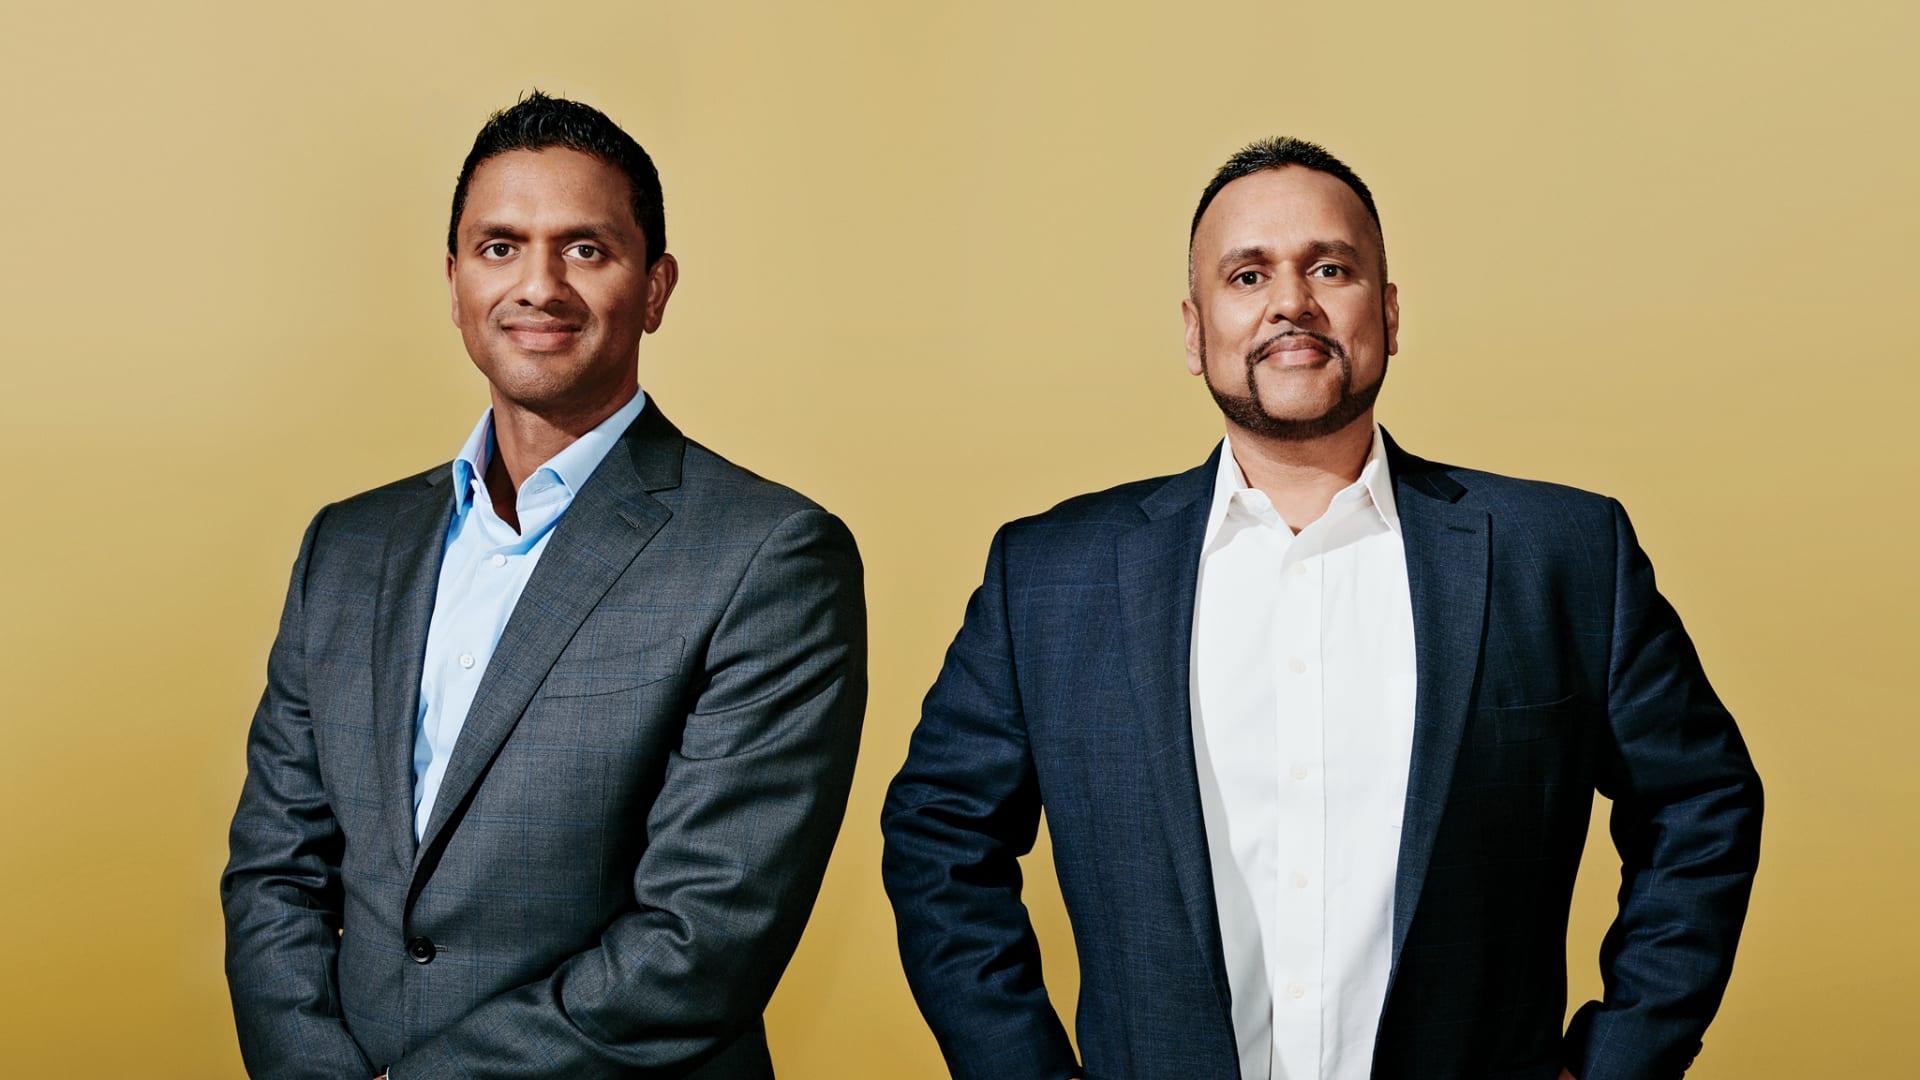 Ranil Piyaratna (left) and Geetesh Goyal, co-founders of Human Bees.